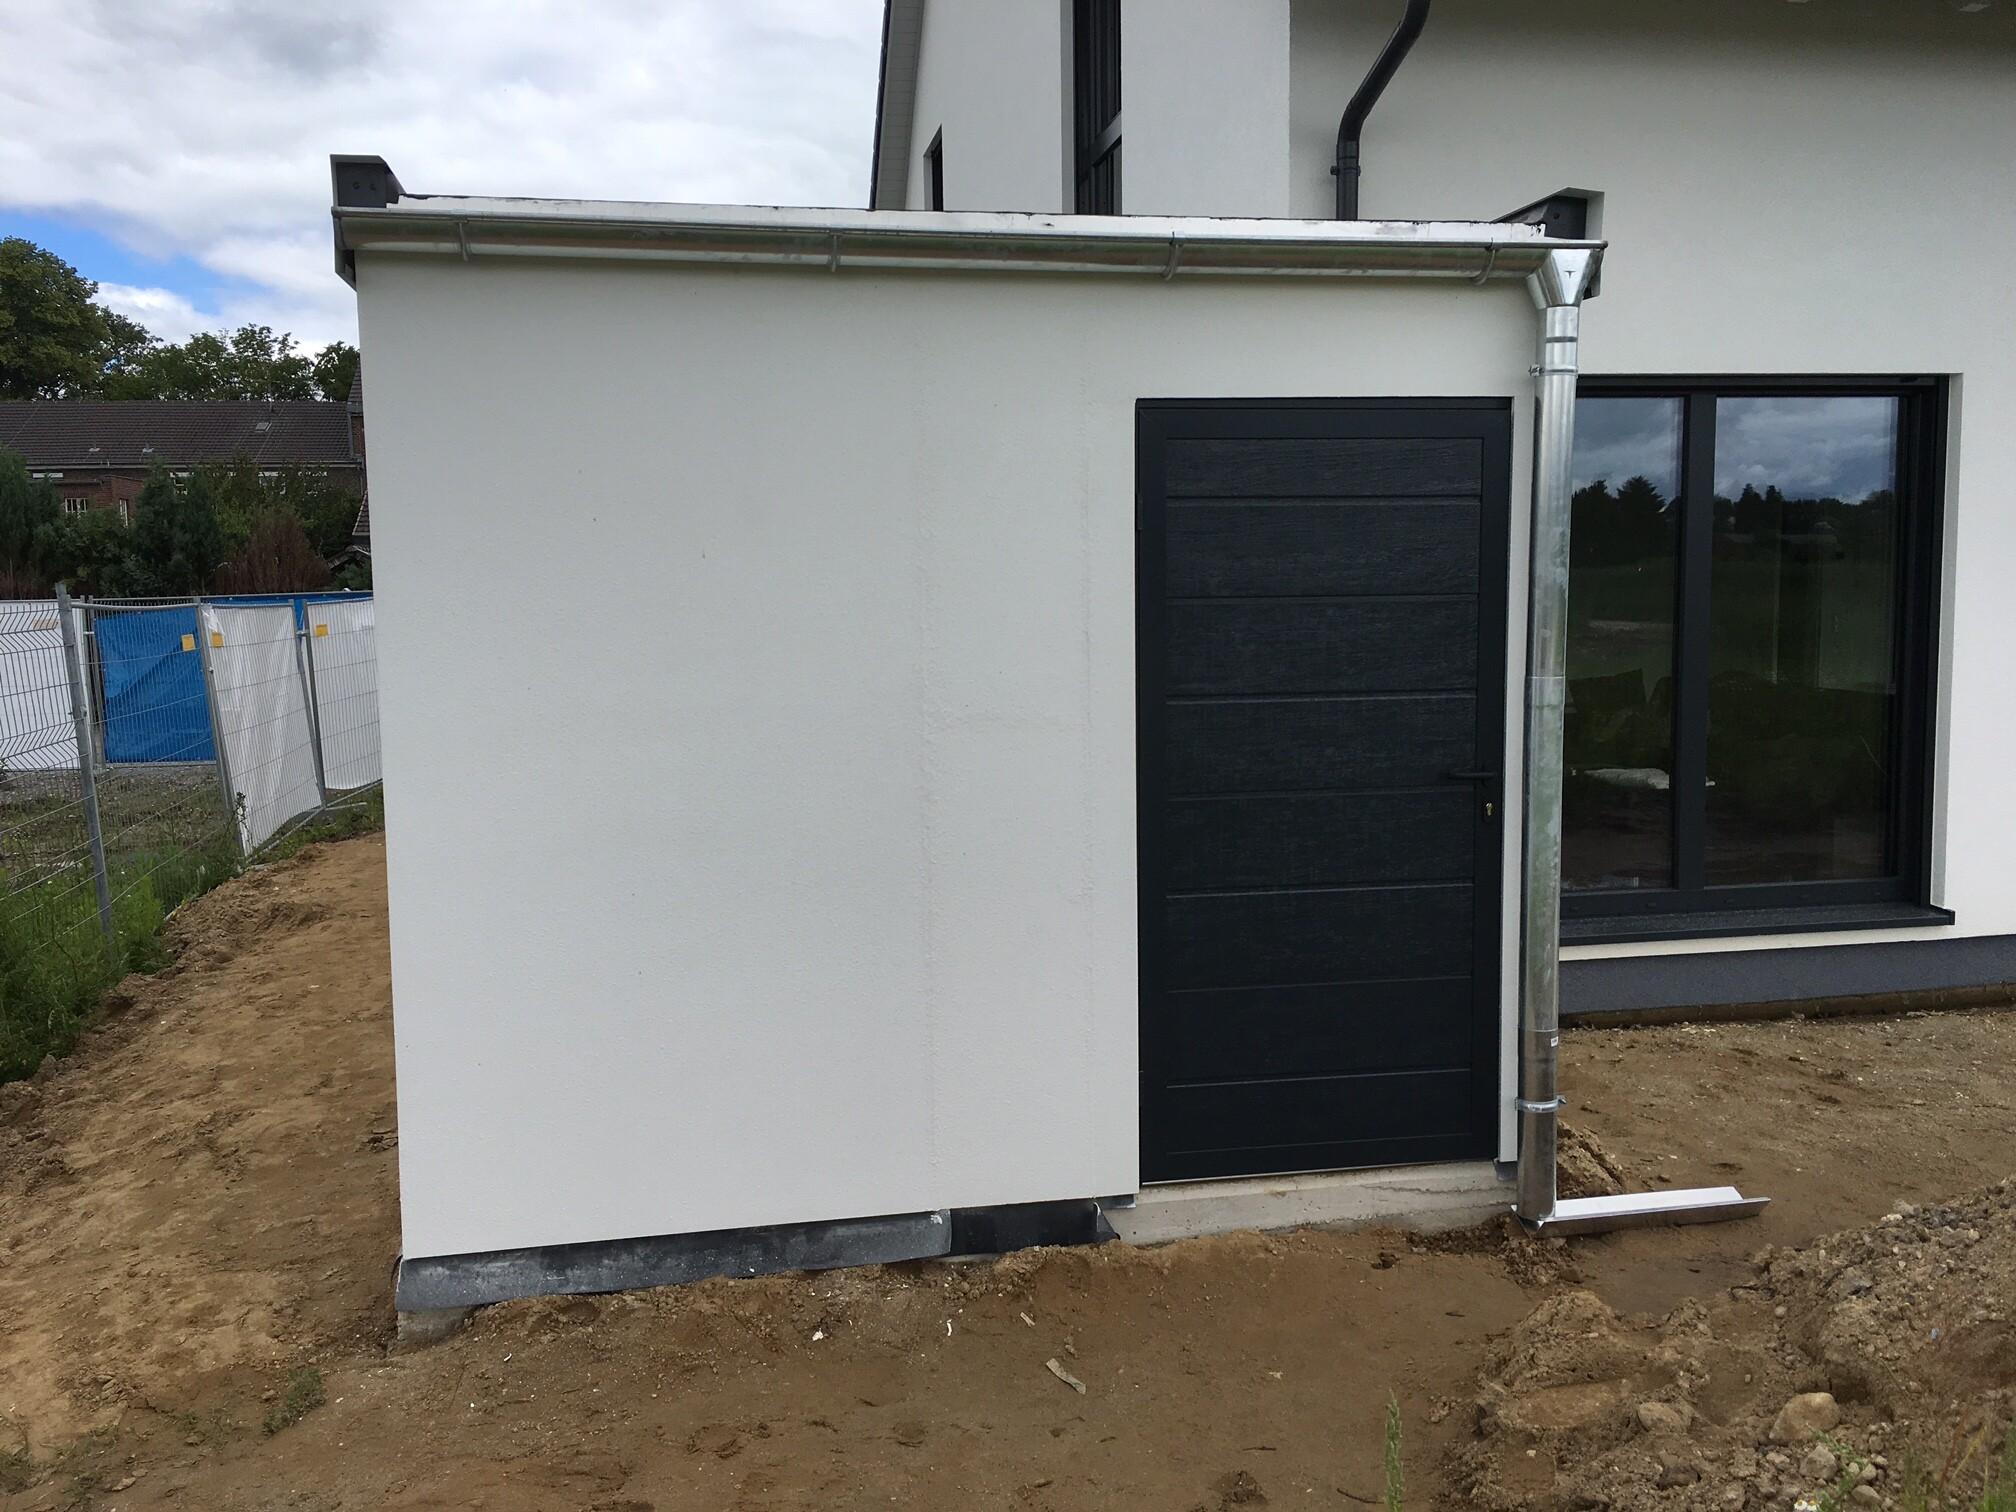 Rückwand Fink Garage In Holzständerbauweise Mit Nebeneingangstür In  Anthrazit Und Verzinkter Dachrinne.